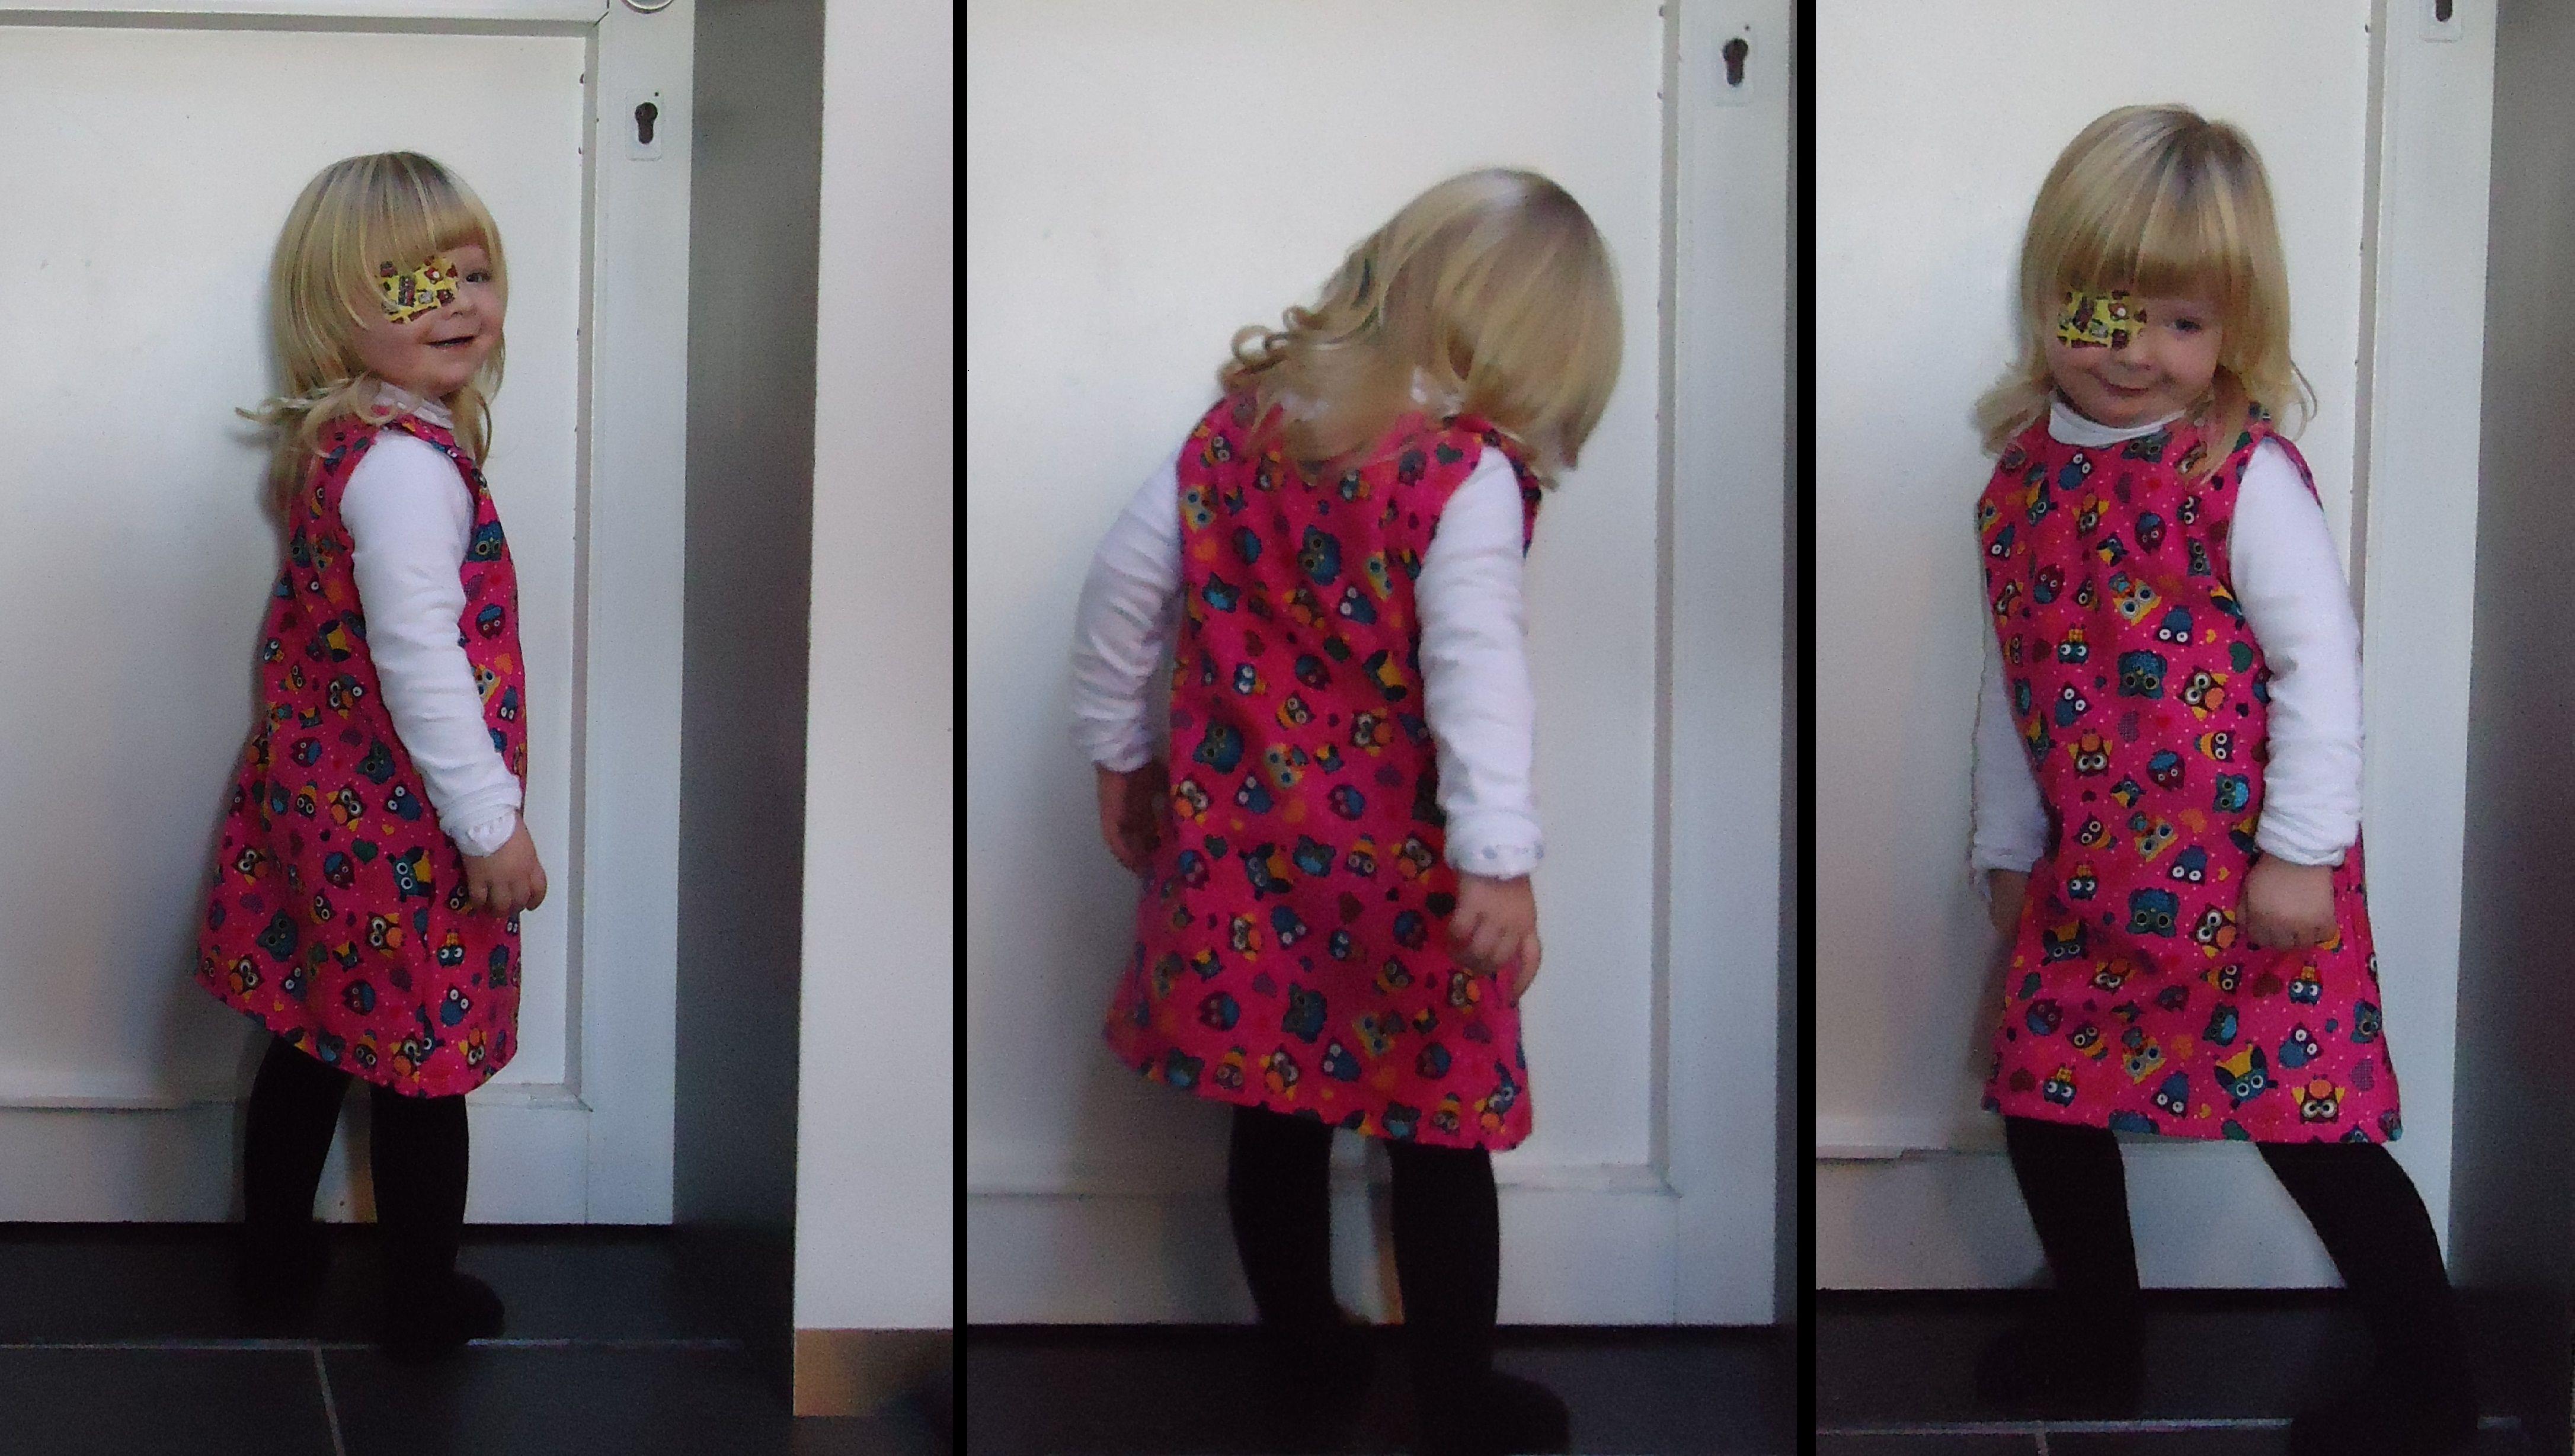 DIY mijn allereerste jurkje,sluiting schouders met knoopjes,roze jurk met print van uiltjes